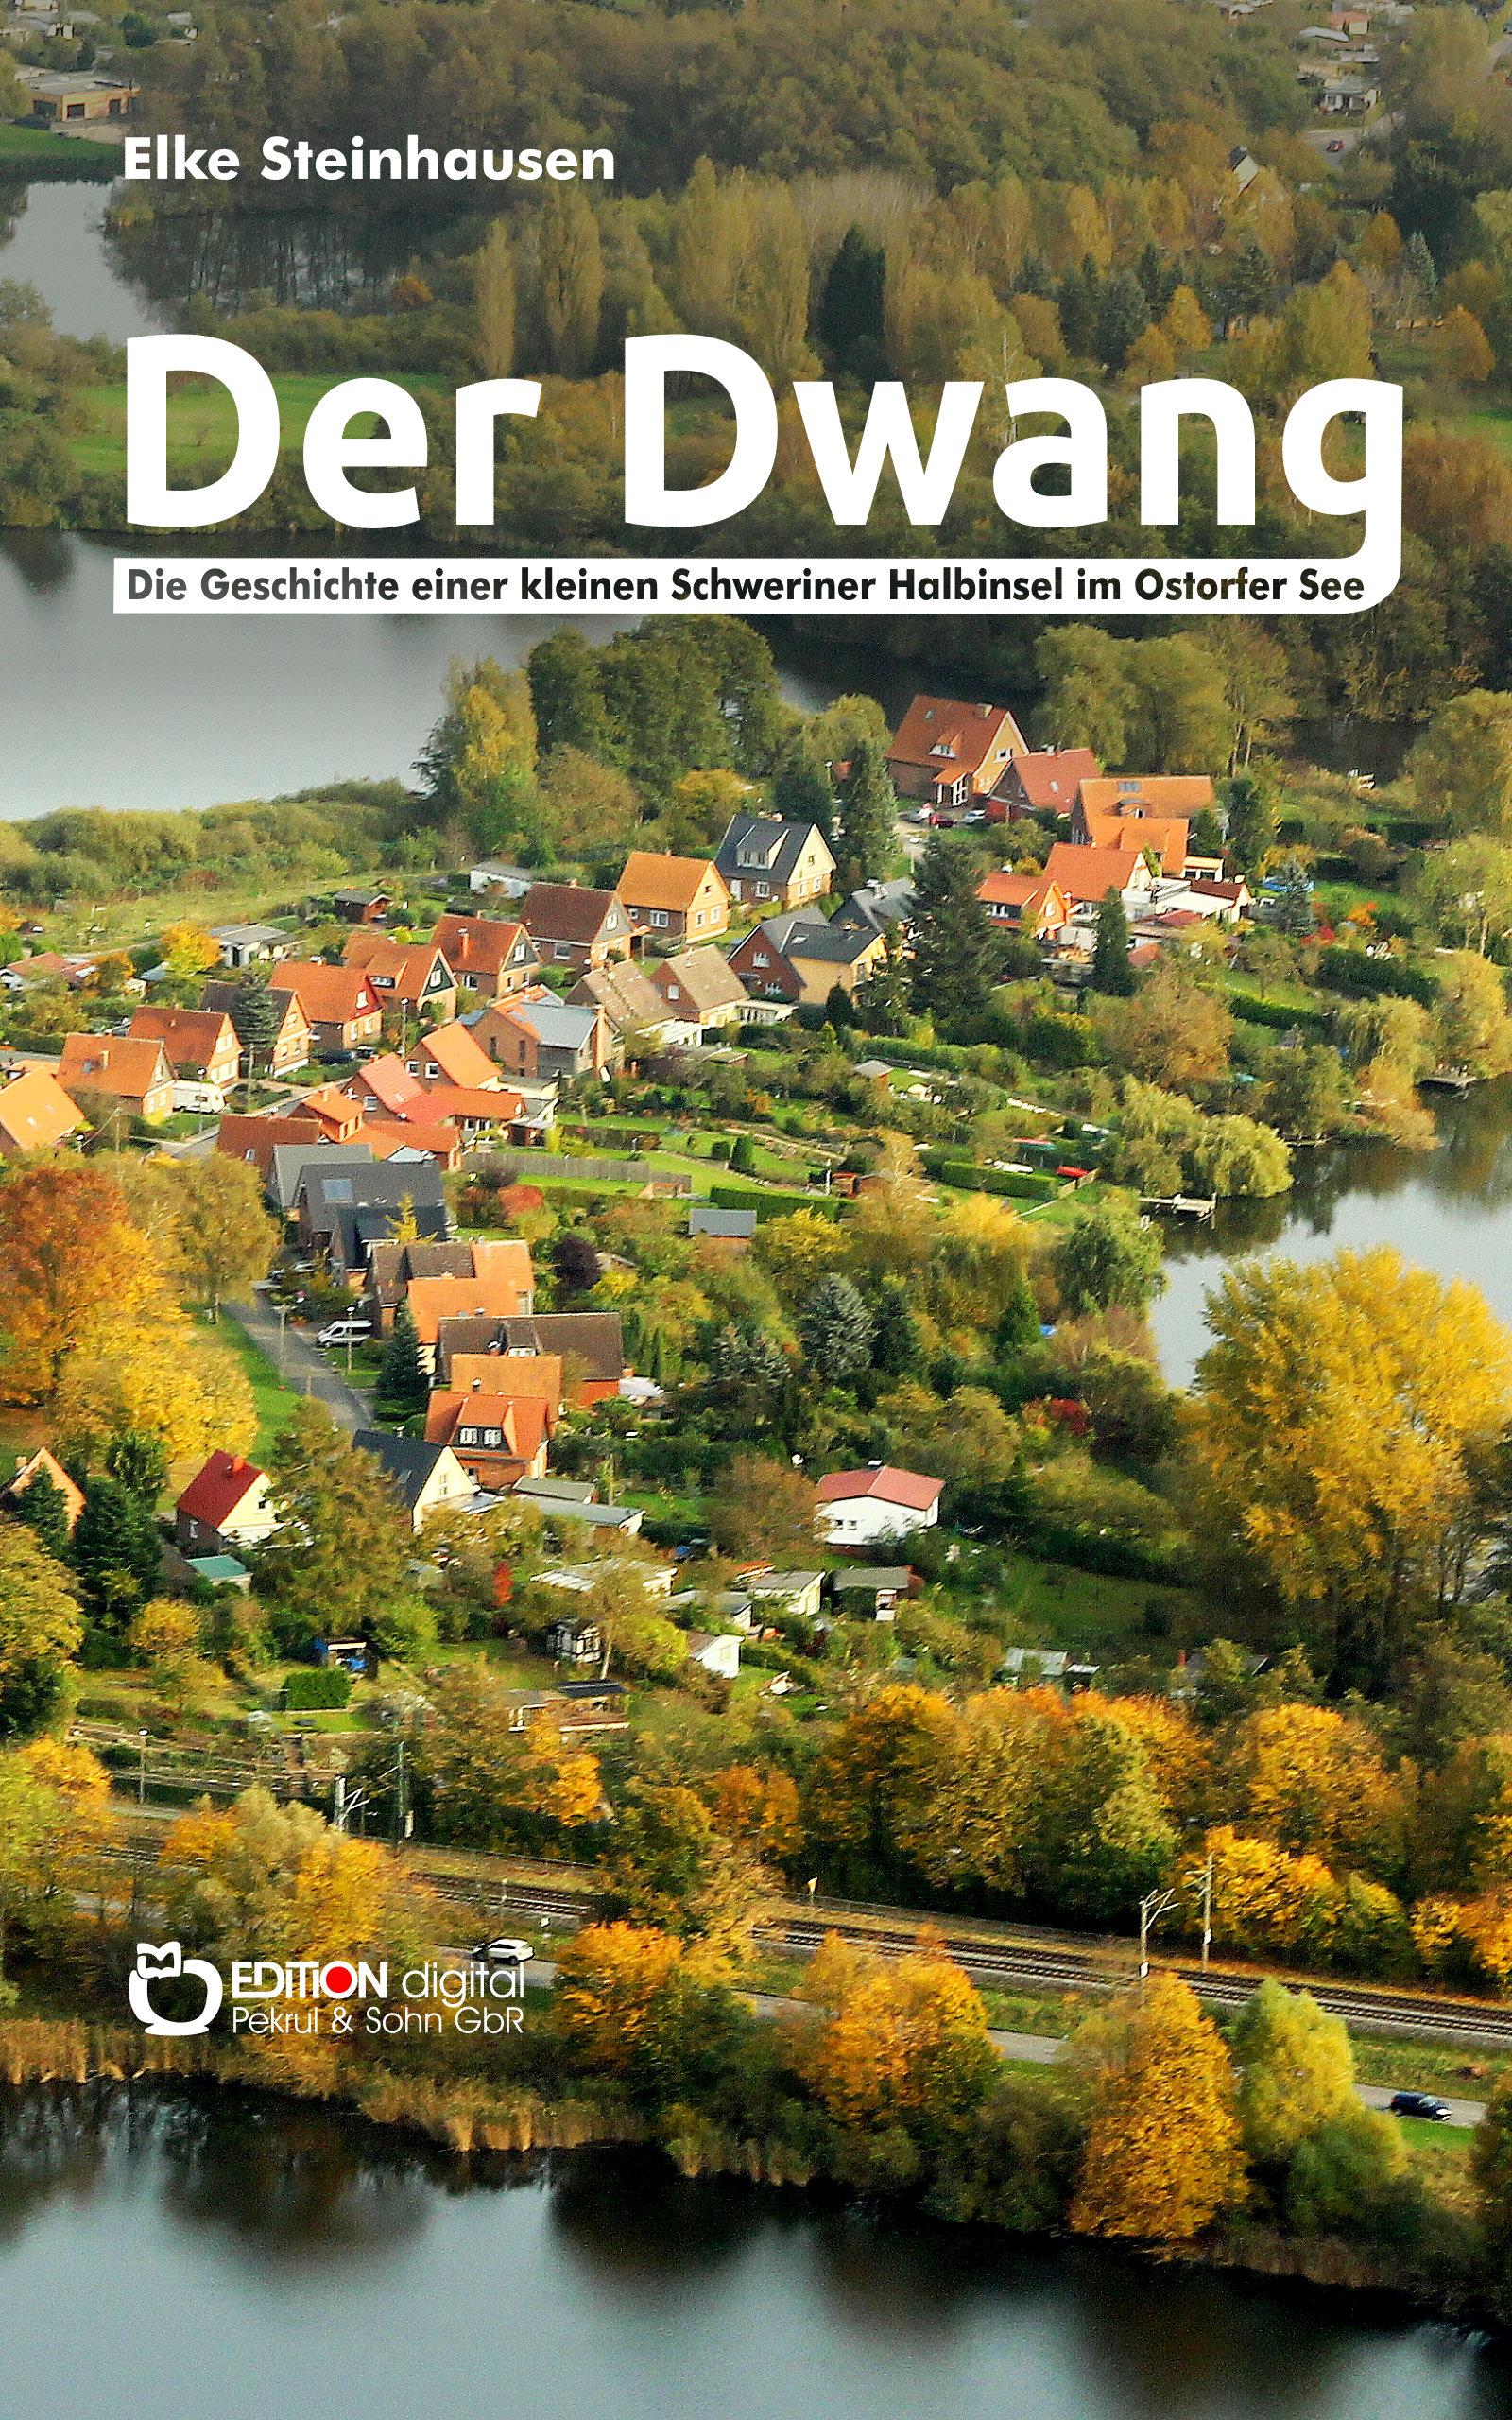 Der Dwang. Die Geschichte einer kleinen Schweriner Halbinsel im Ostorfer See von Elke Steinhausen